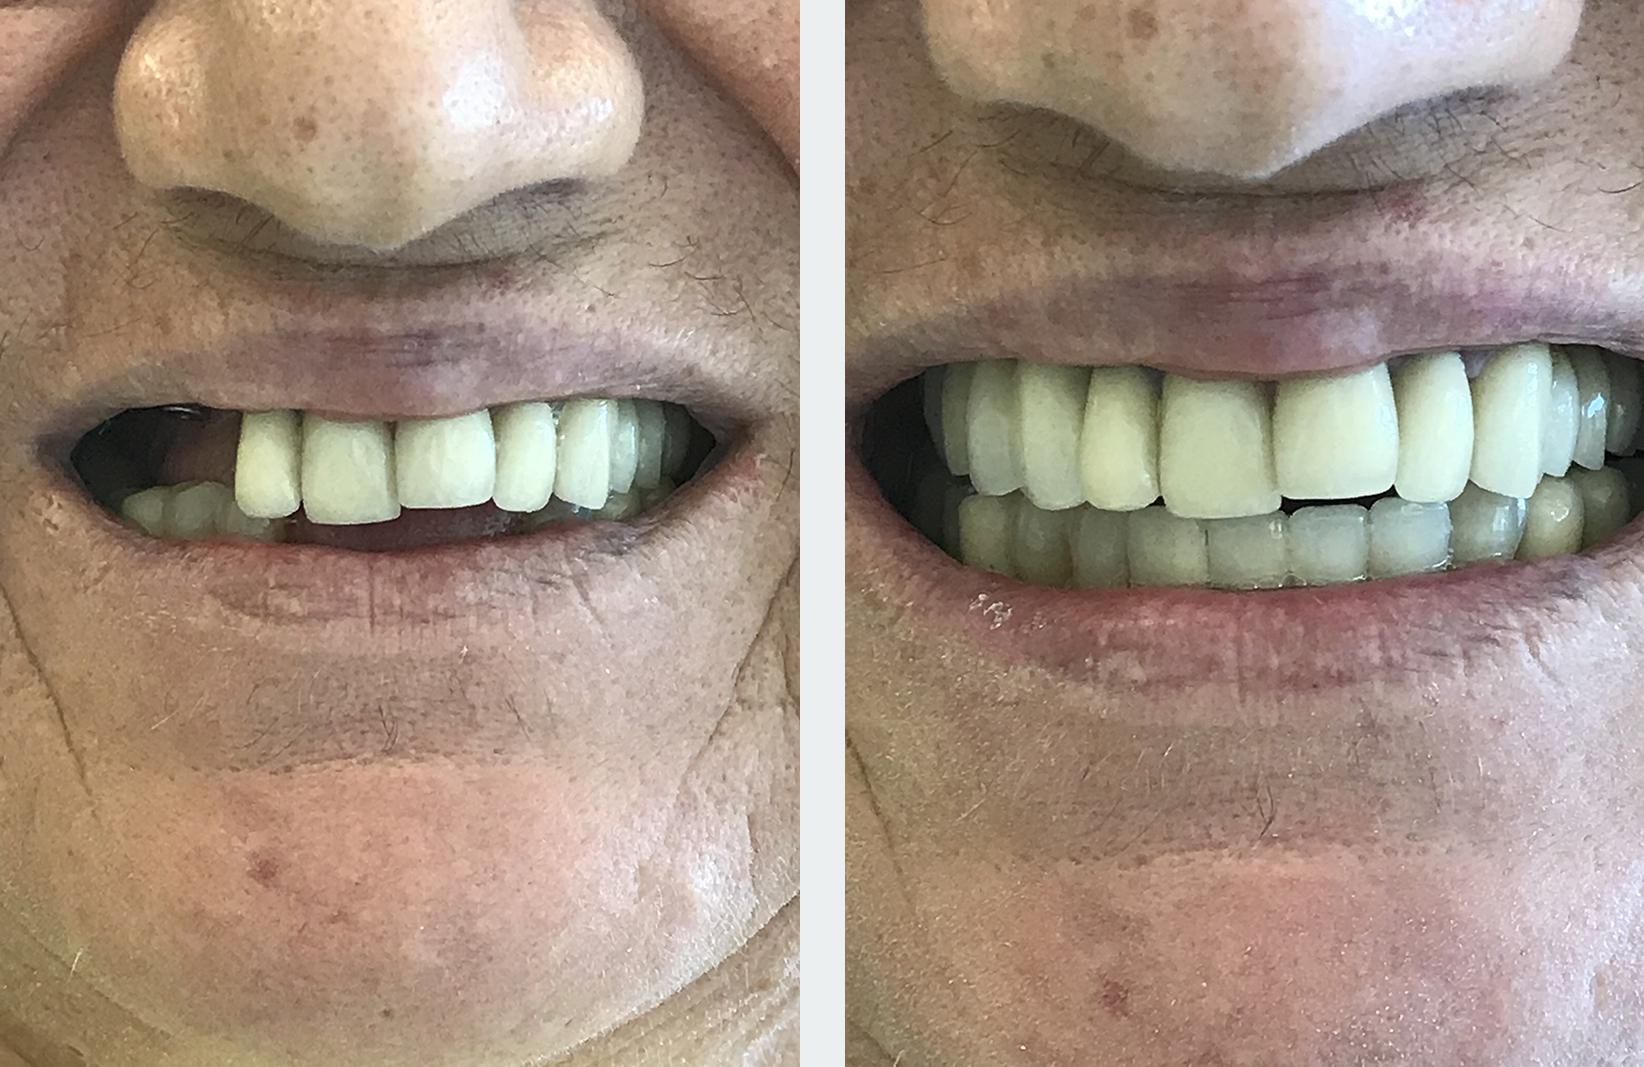 εμφυτεύματα δοντιών 10η εικόνα